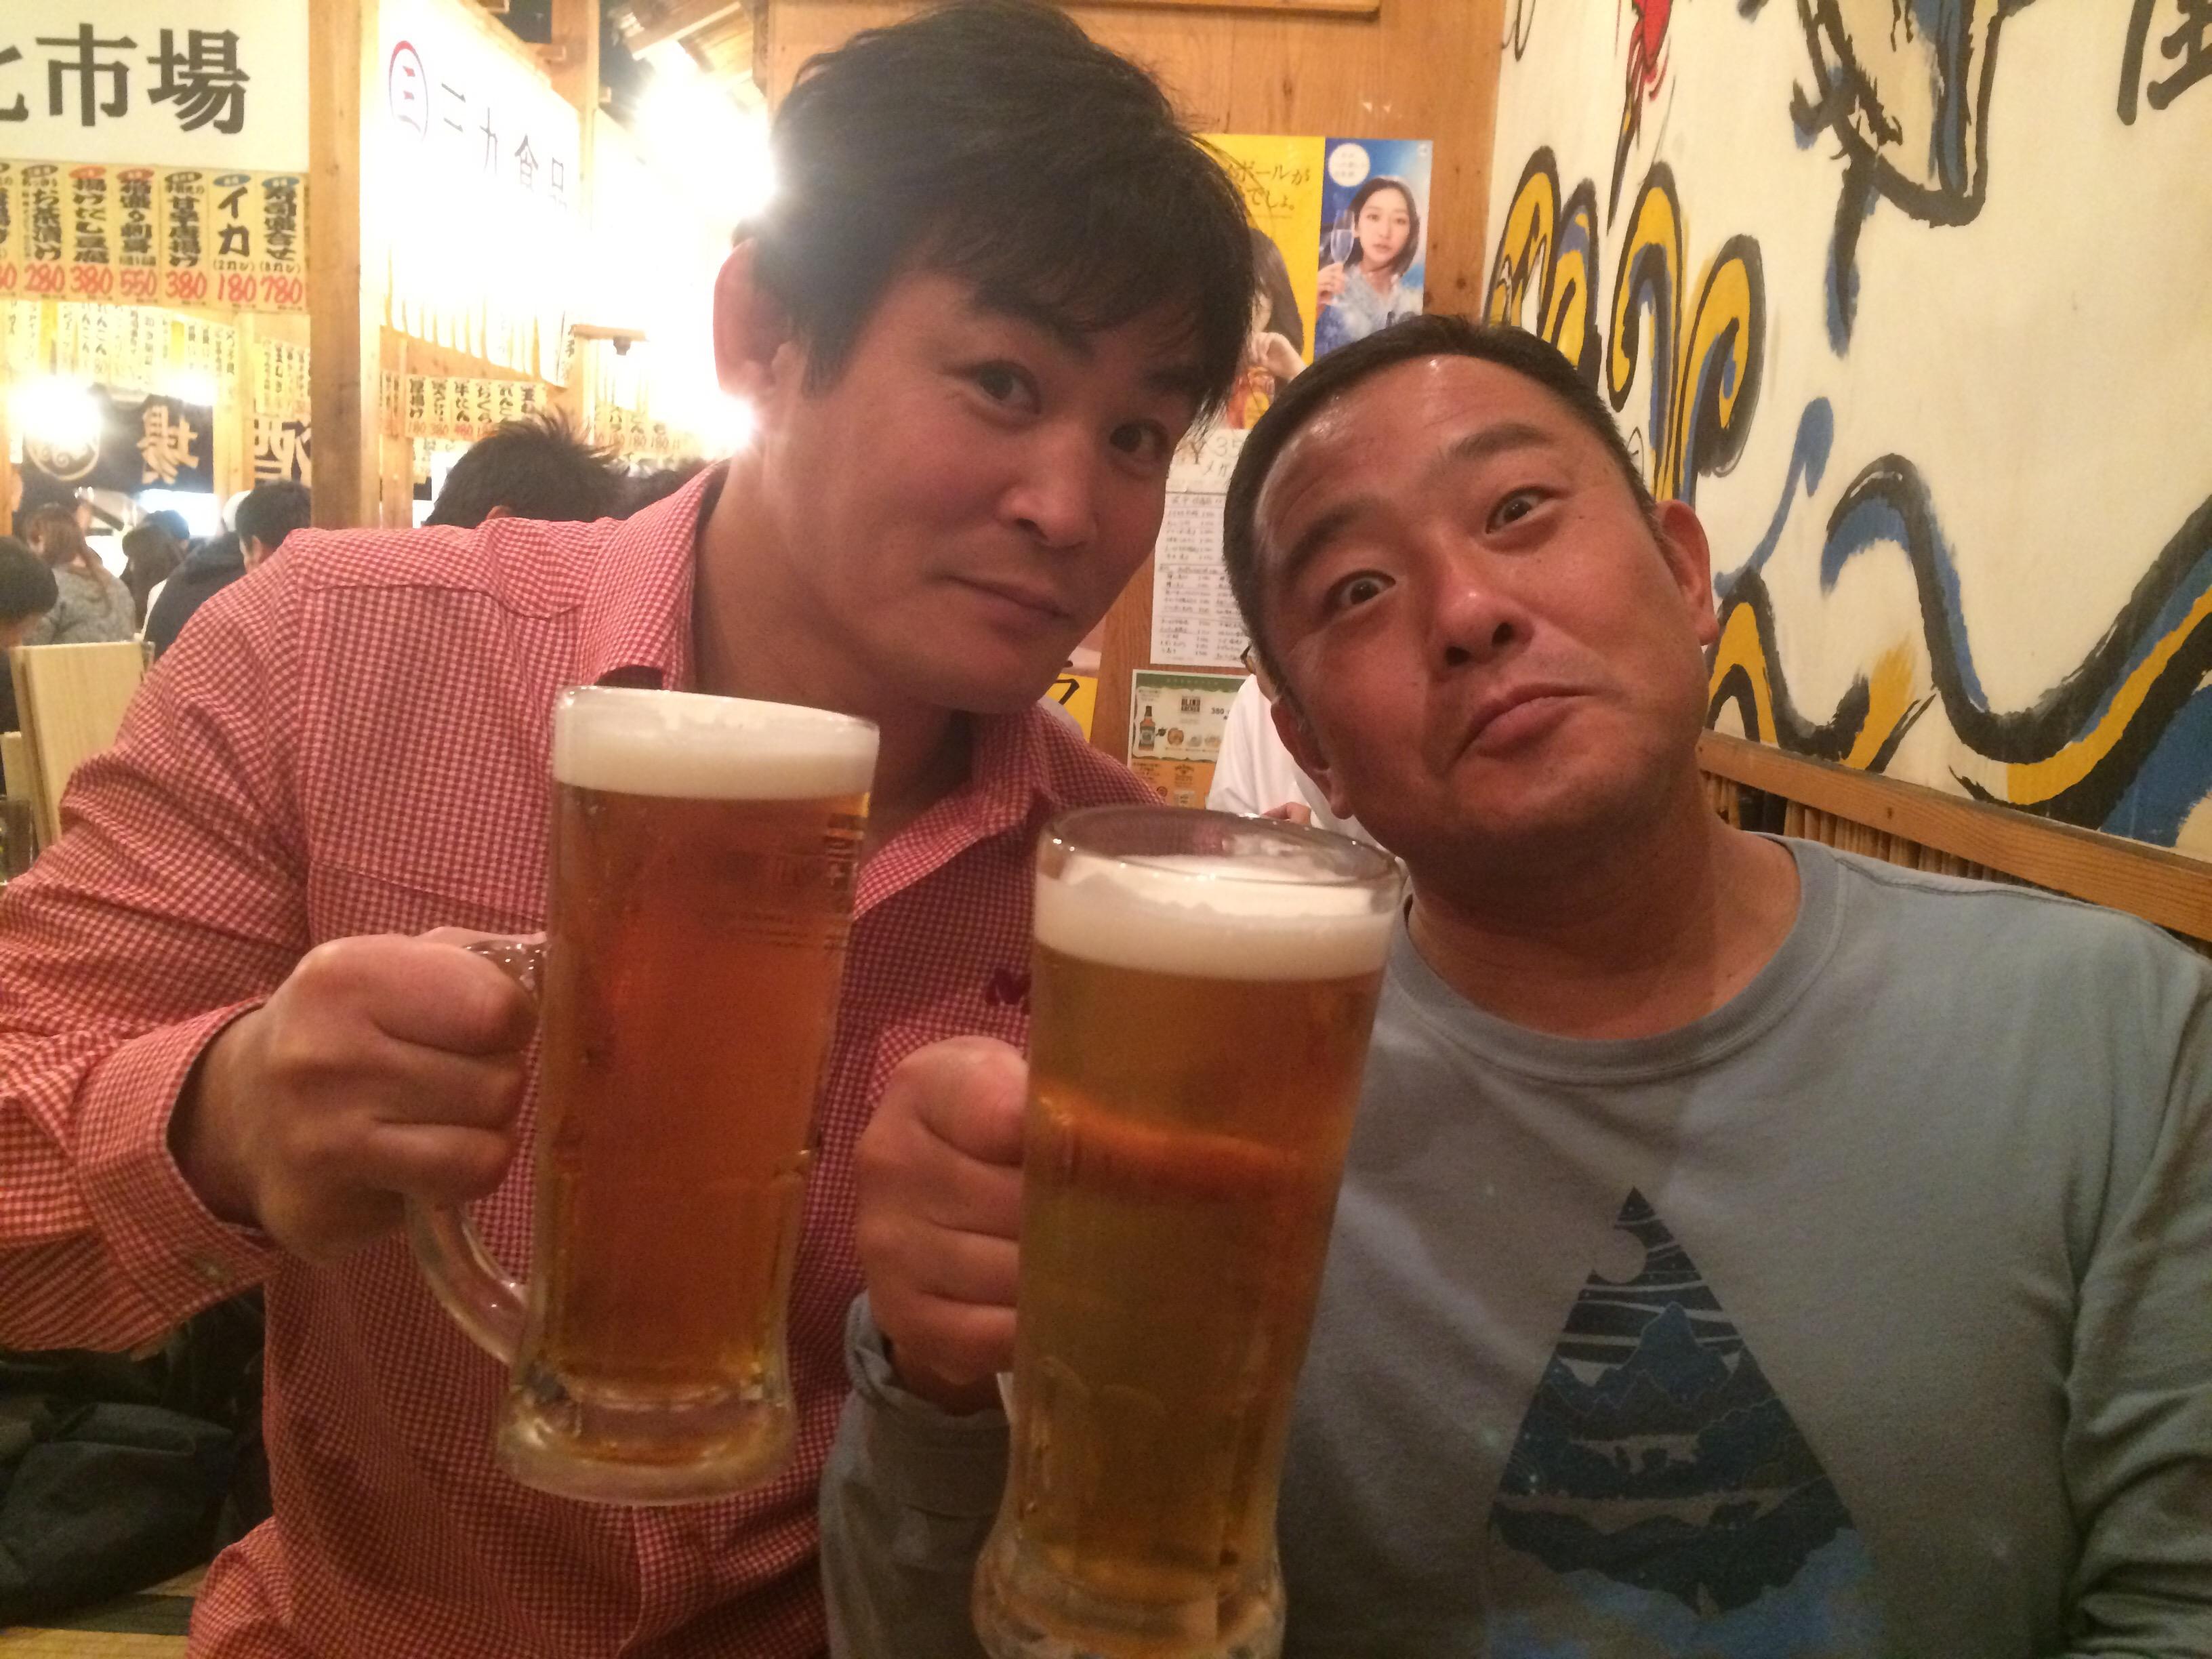 大阪へと…『大阪産業大学柔道部』へ宮本功三氏と出稽古へ。